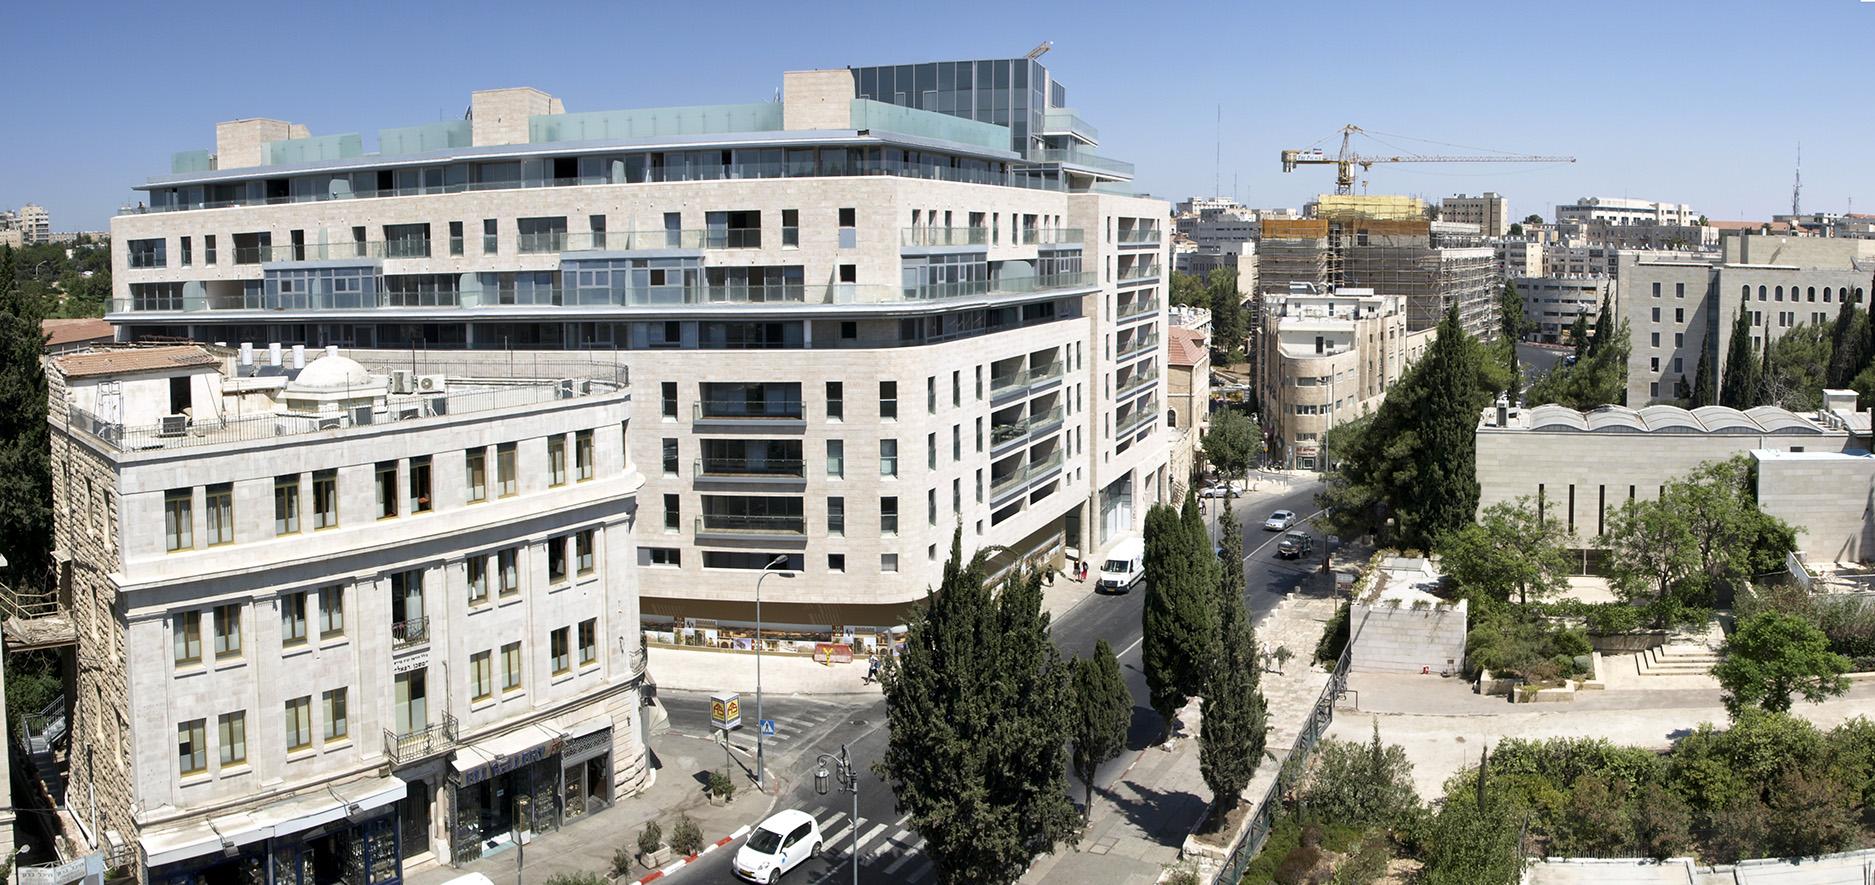 דוד המלך פינת הס ירושלים תכנון אדריכלי קולקר אפשטין